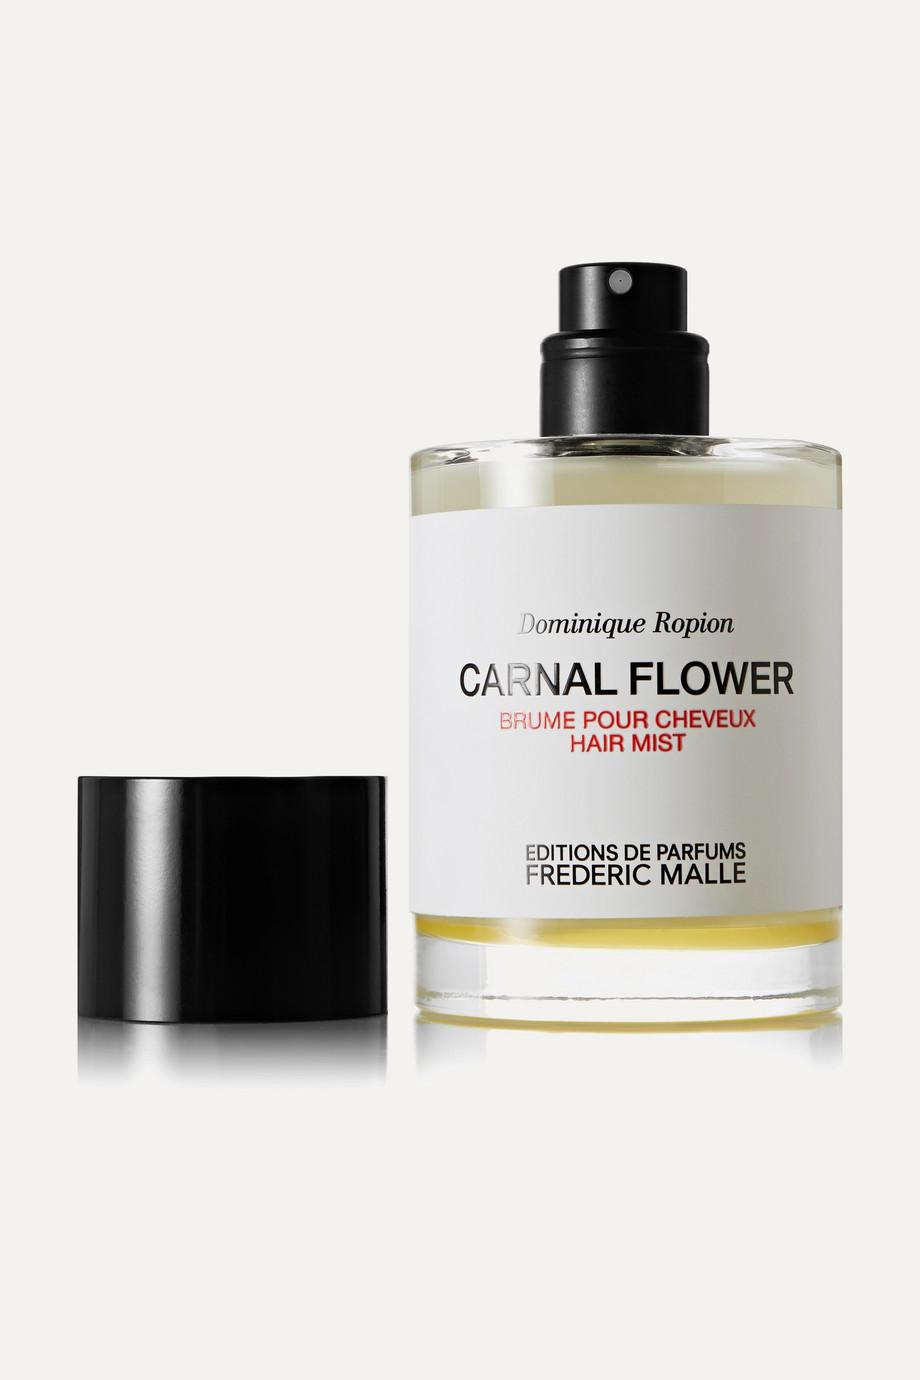 Frederic Malle Carnal Flower Hair Mist, 100ml